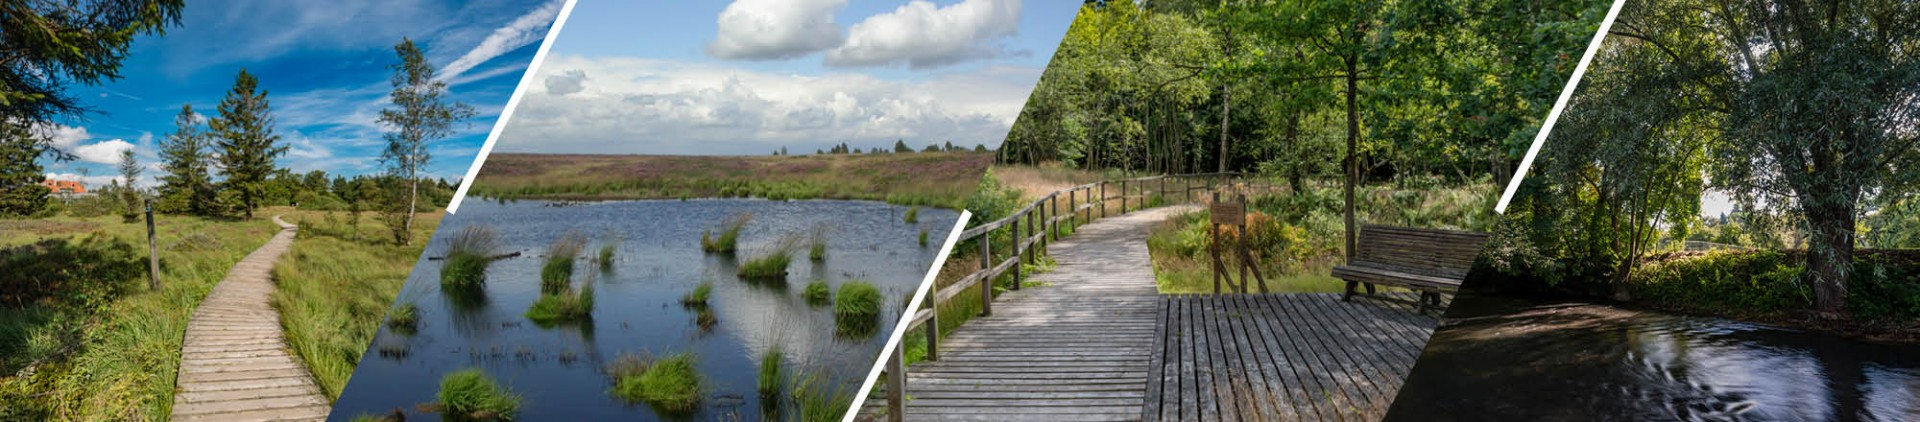 Erkende natuurparken in de provincie Luik